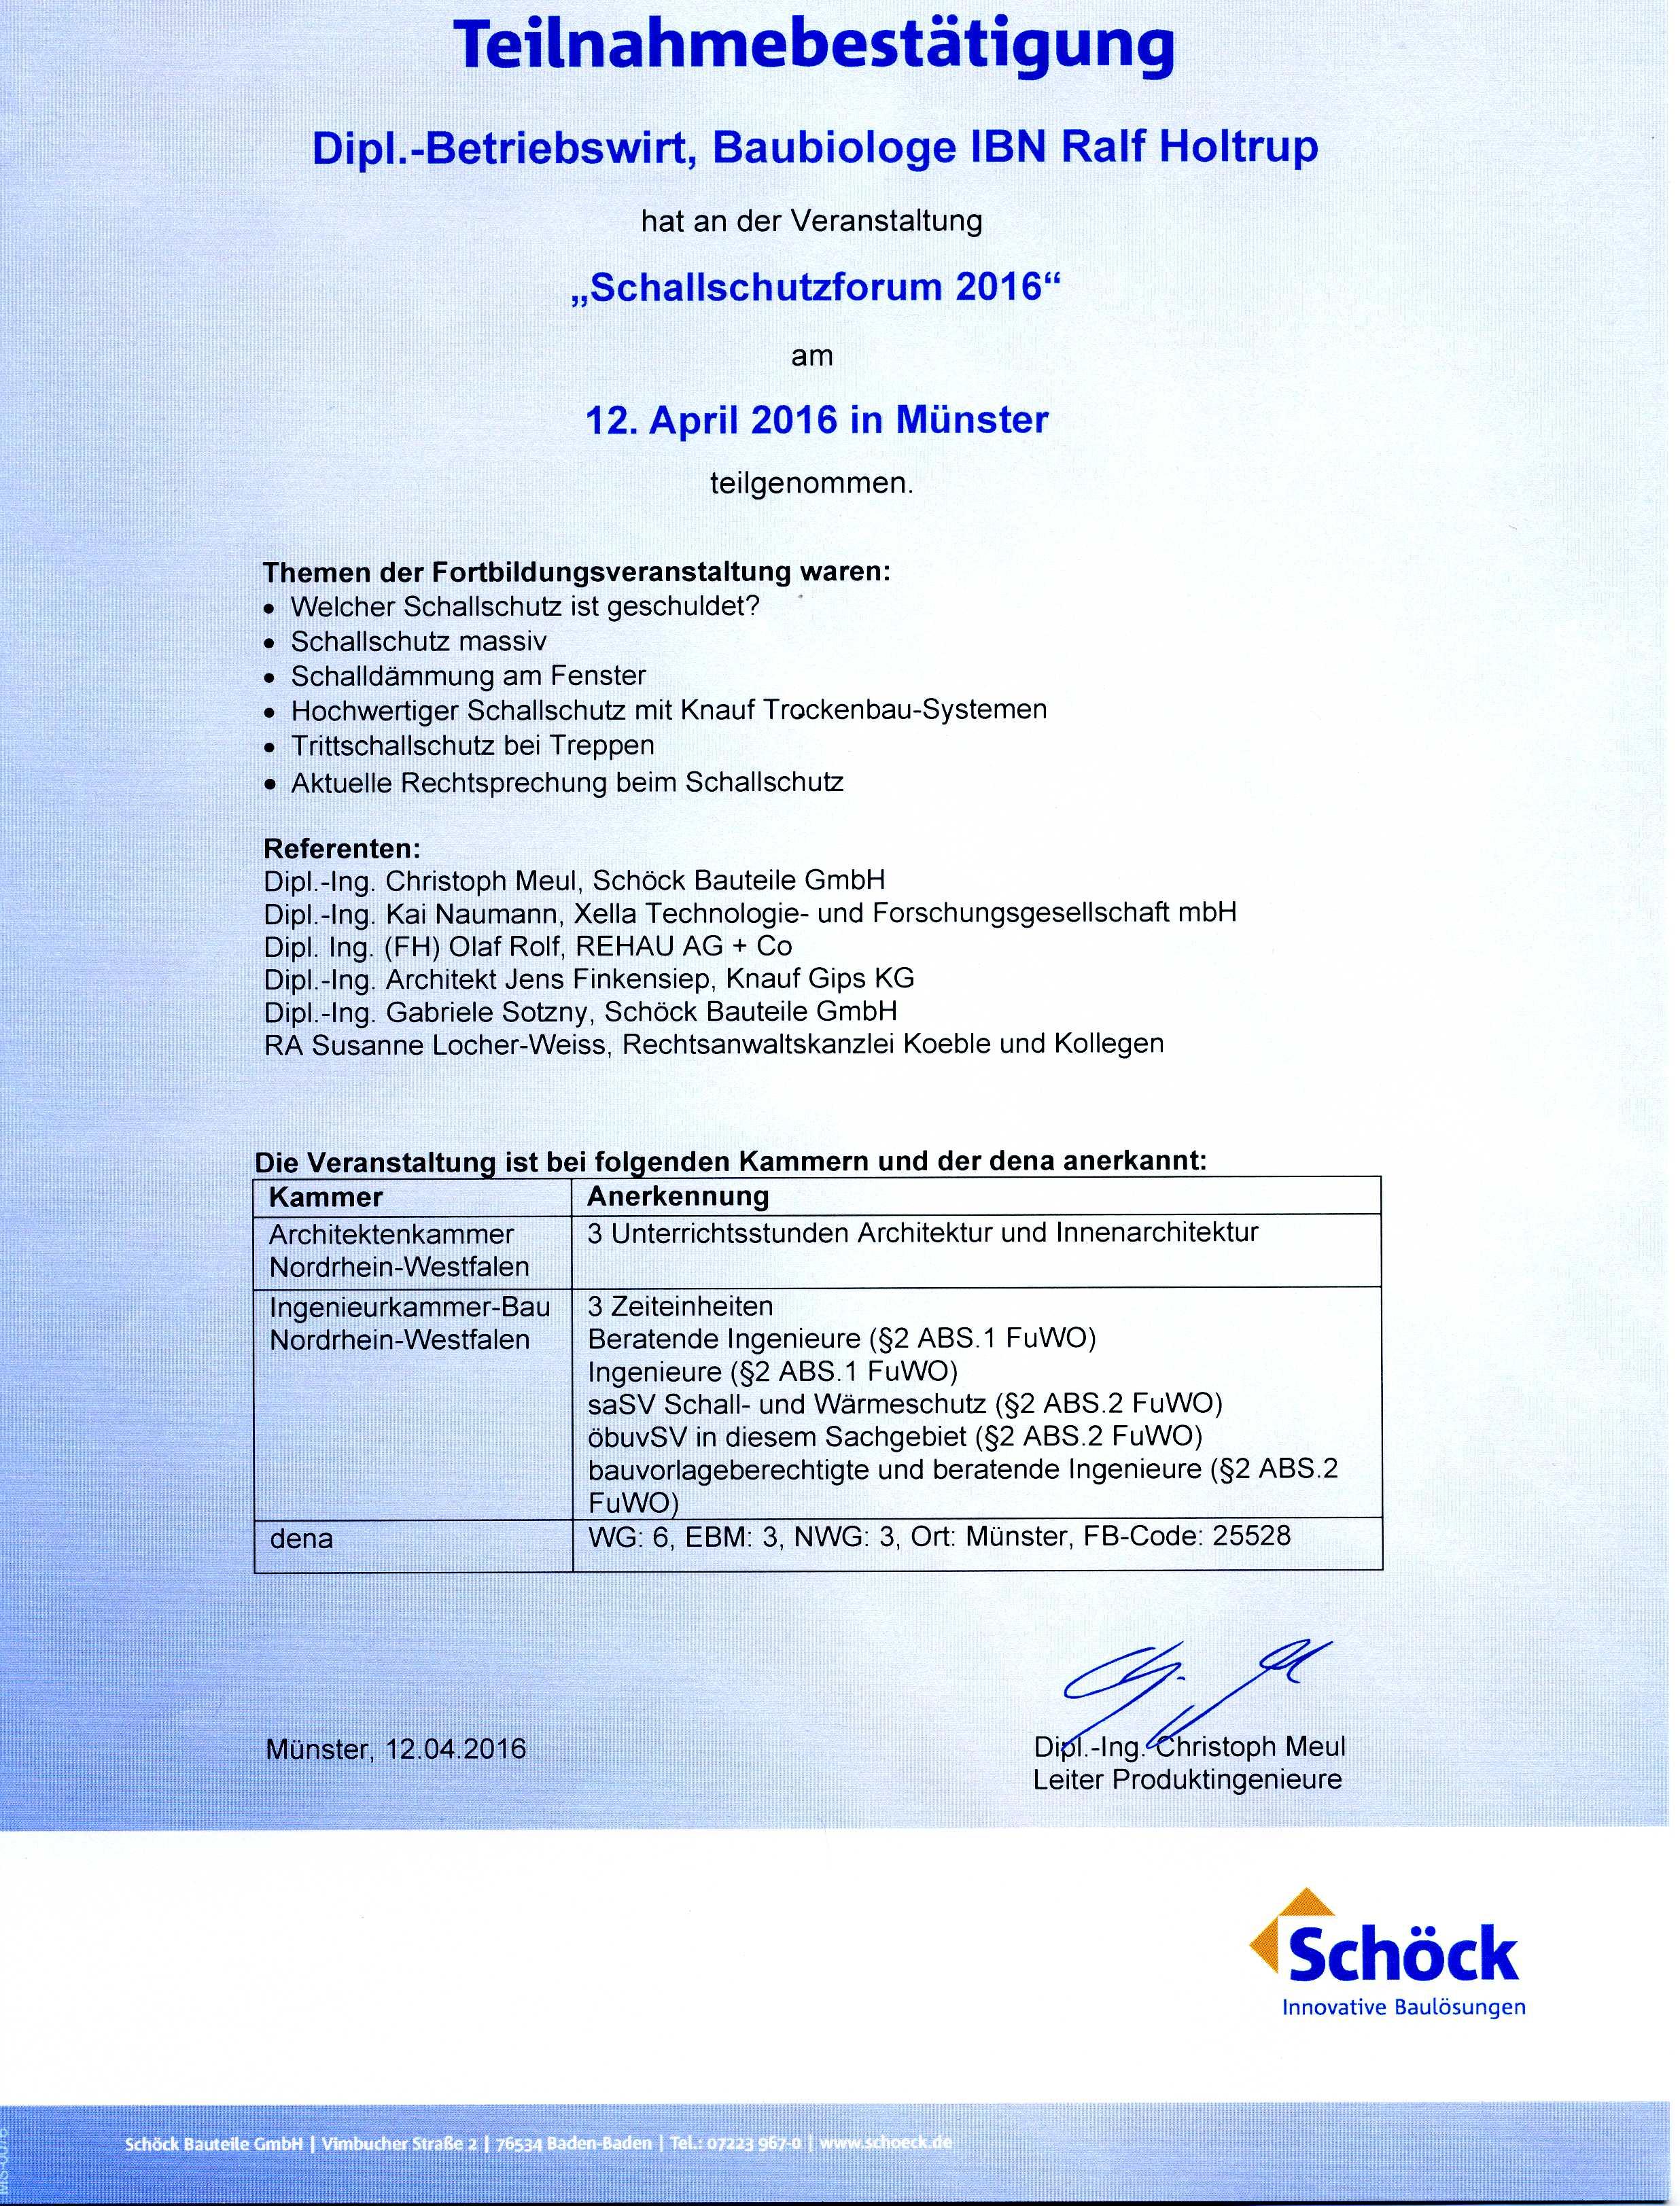 Innenarchitekt Qualifikationen qualifikationen